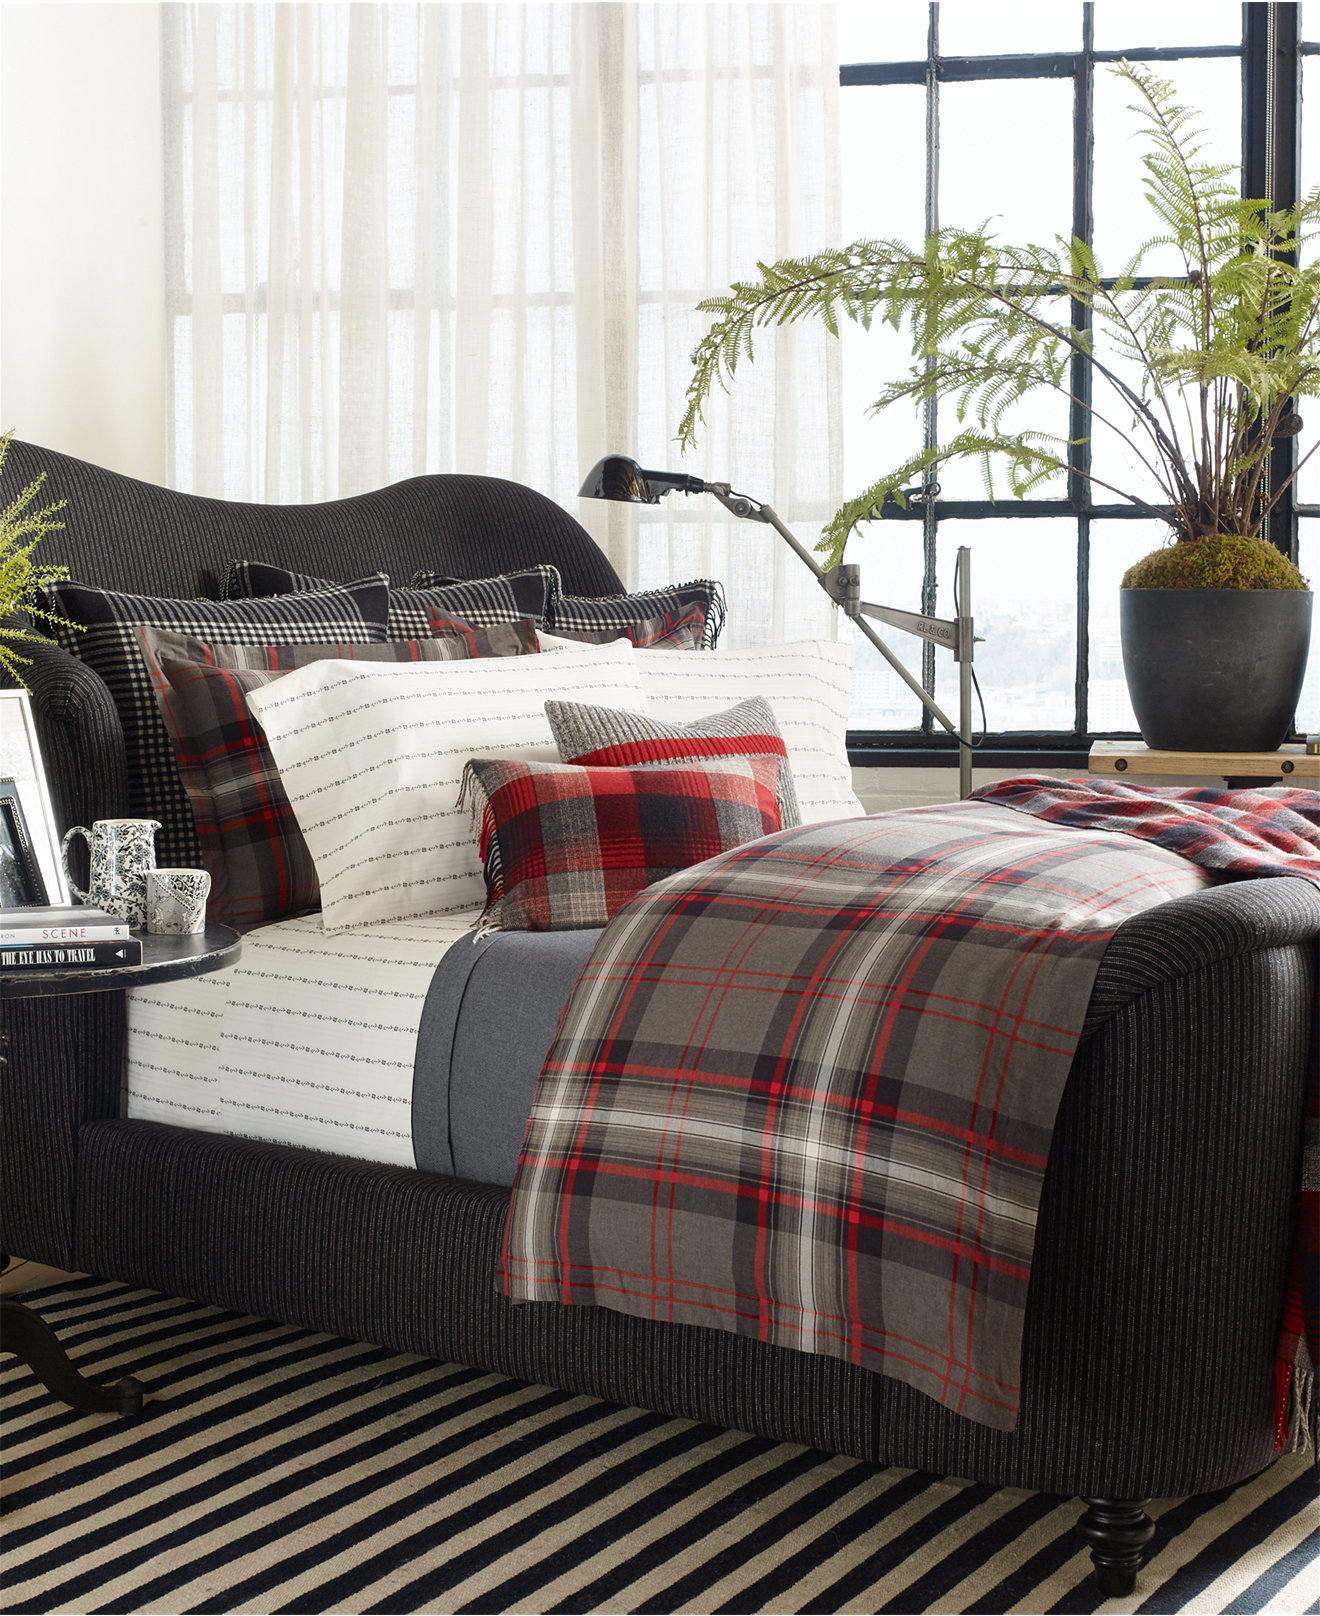 Ralph lauren plaid bedding - Ralph Lauren West Village Bedding Collection